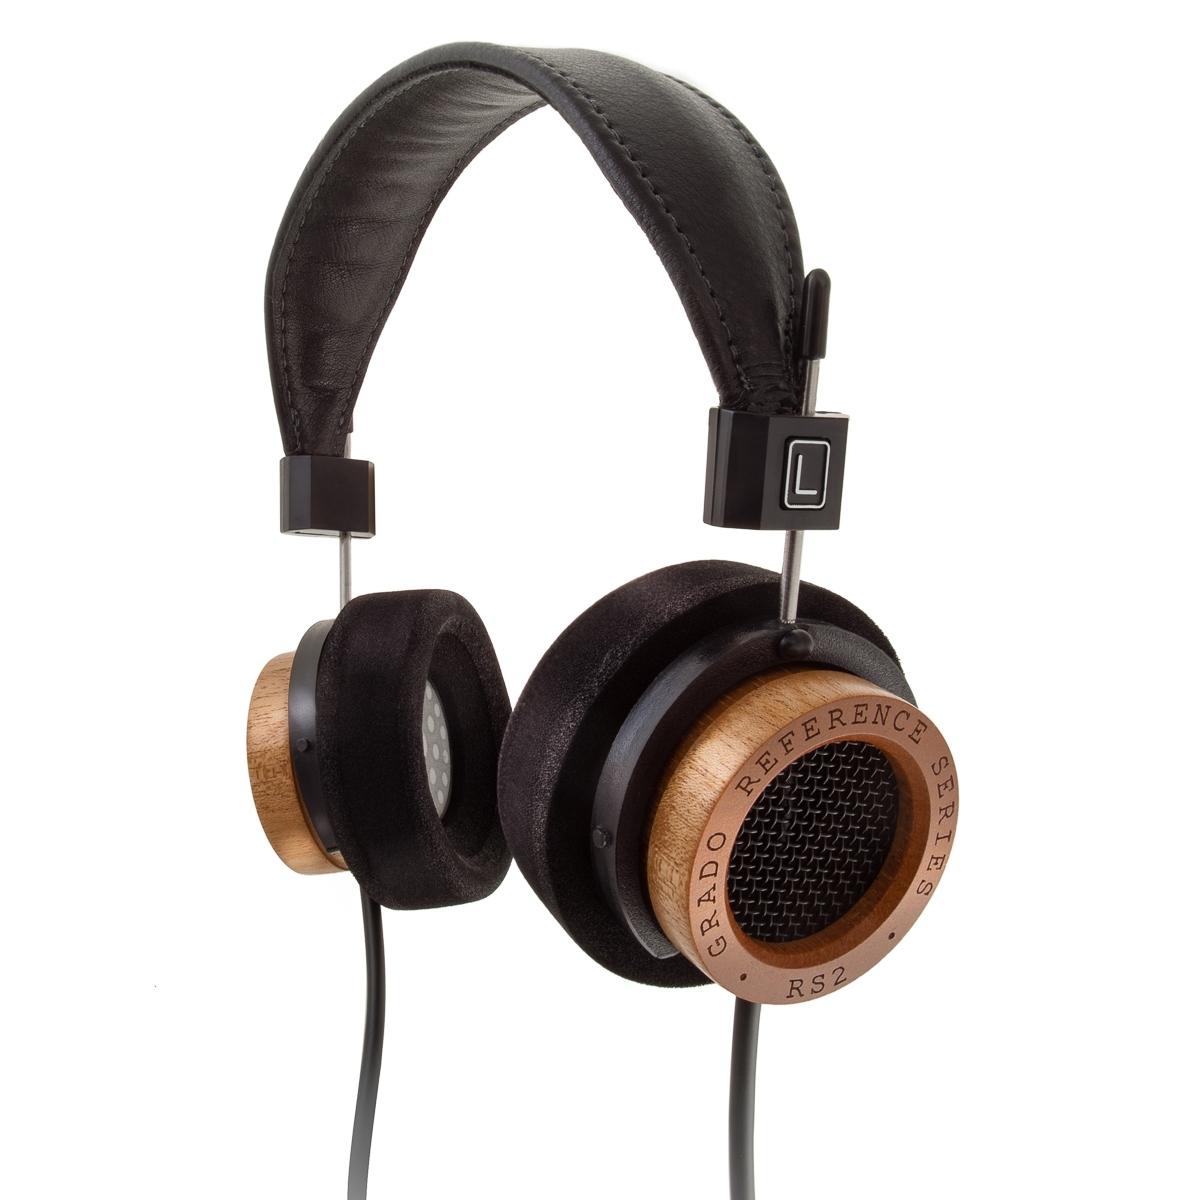 Grado RS2i referencia fejhallgató - Fejhallgatópláza webáruház 74815034ac